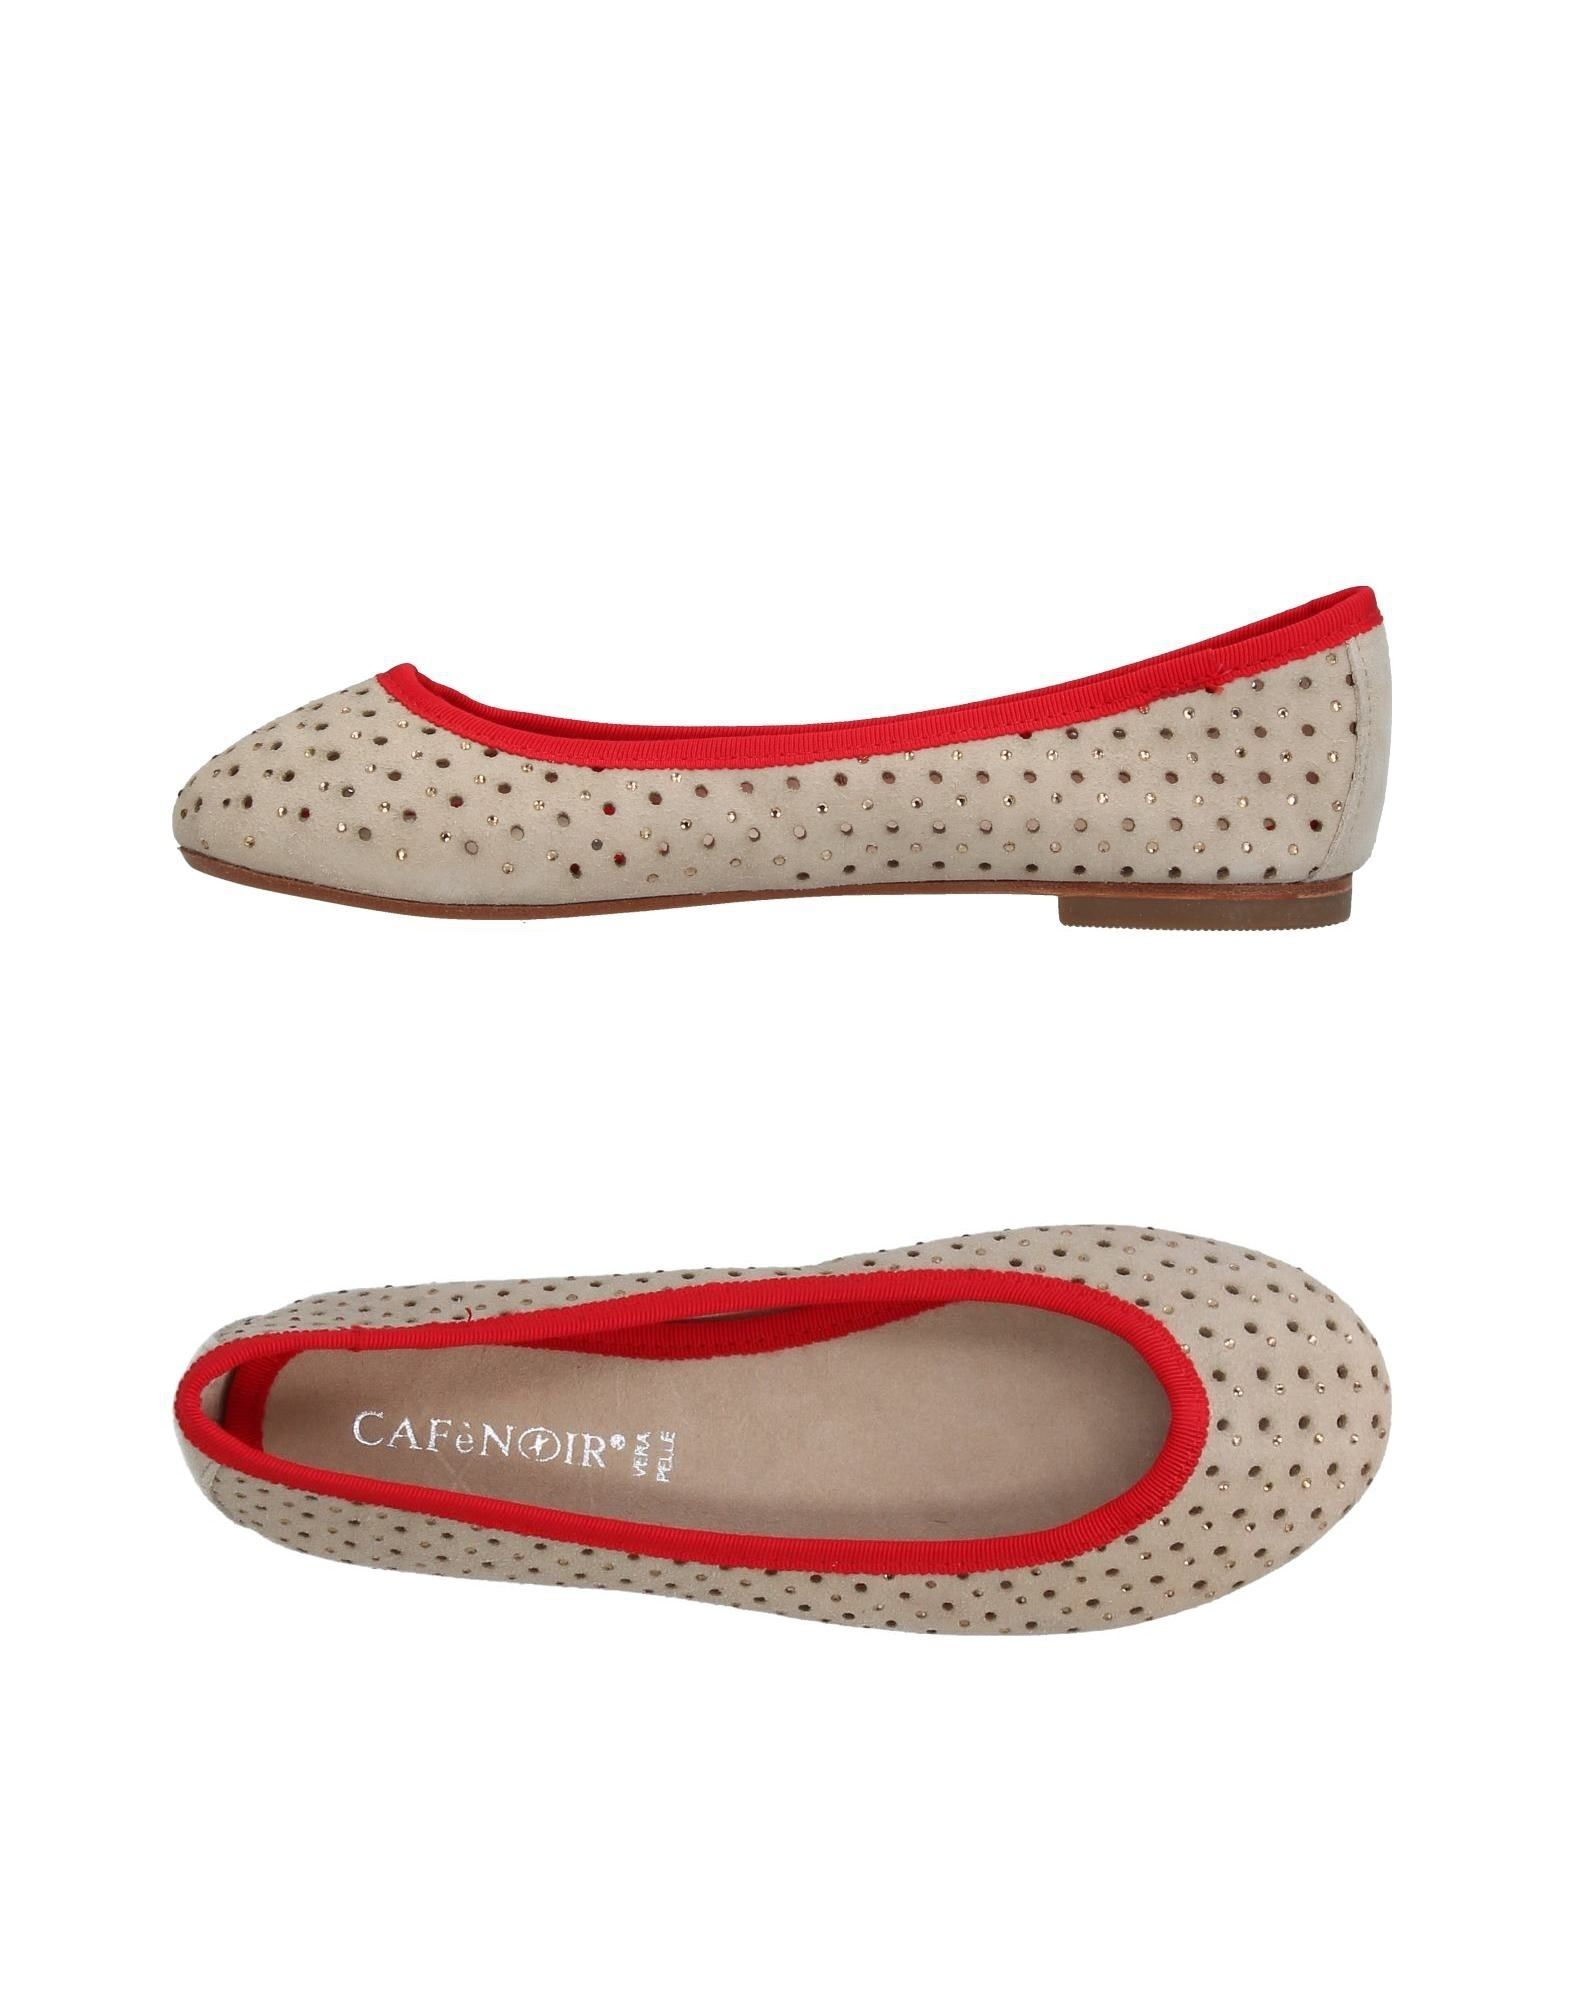 Ballerine Cafènoir Donna - 11337099CK Scarpe economiche e buone